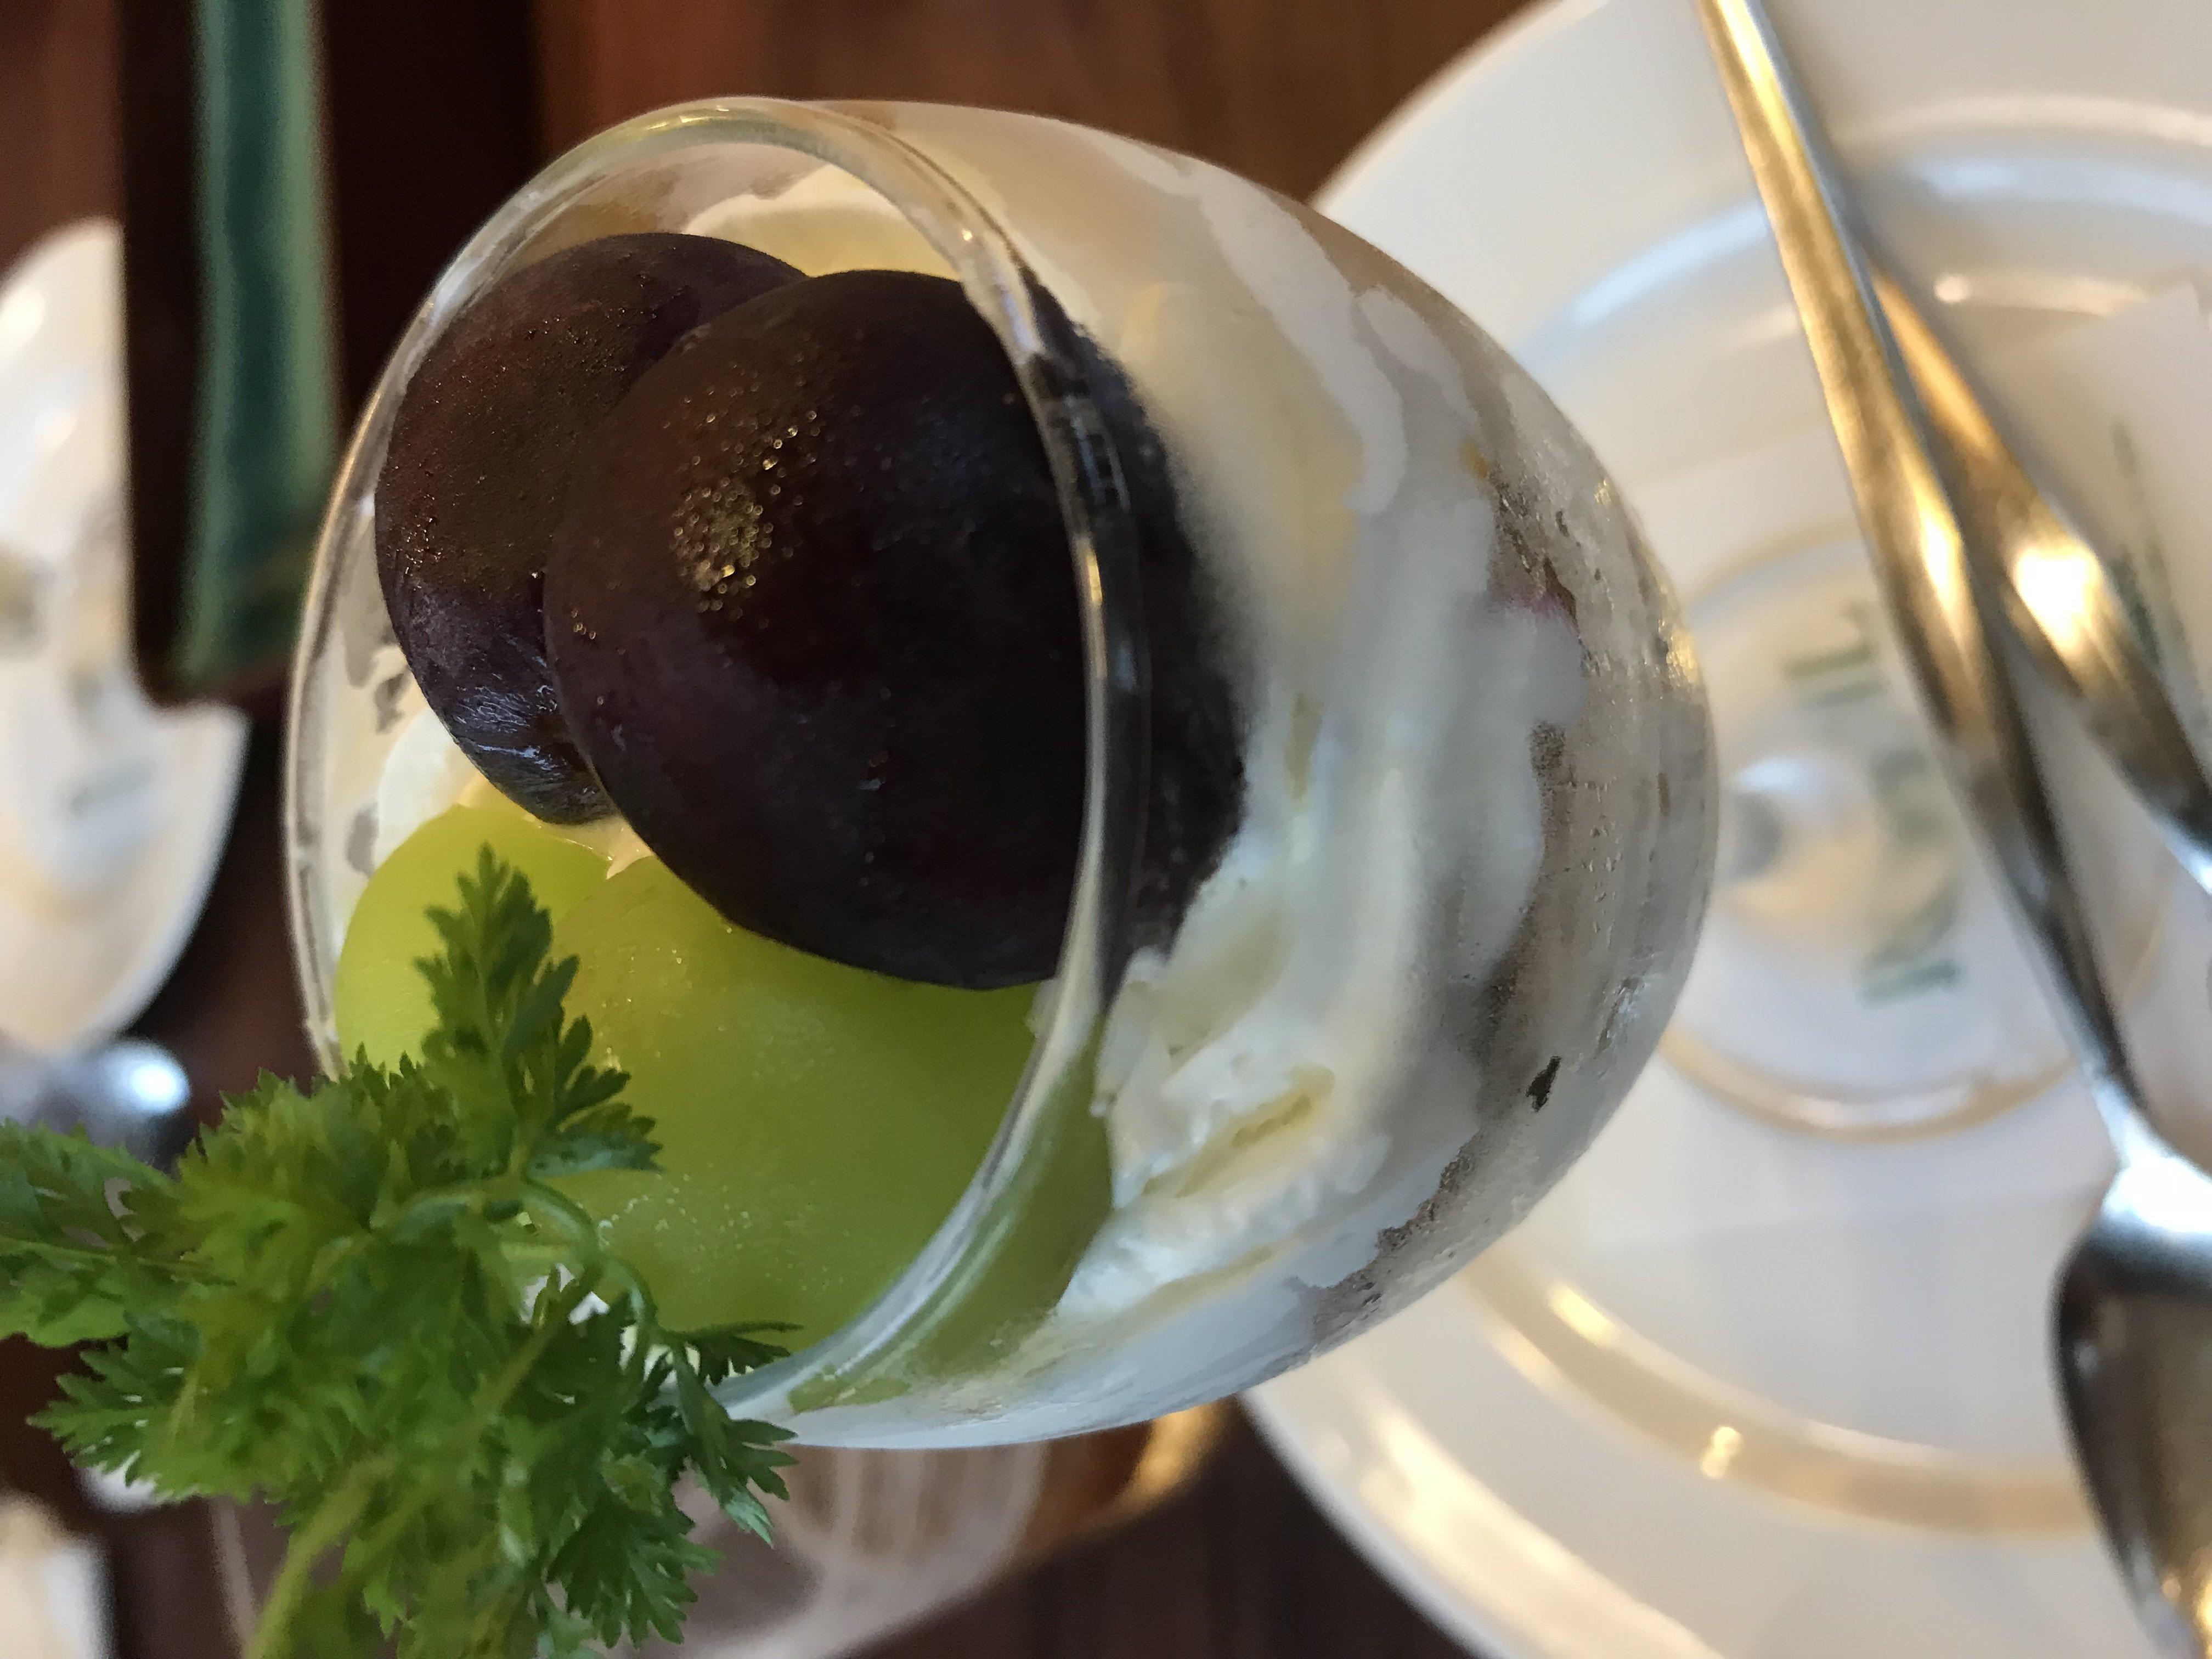 人妻さん日誌:秋の味覚、<br /> 葡萄が大